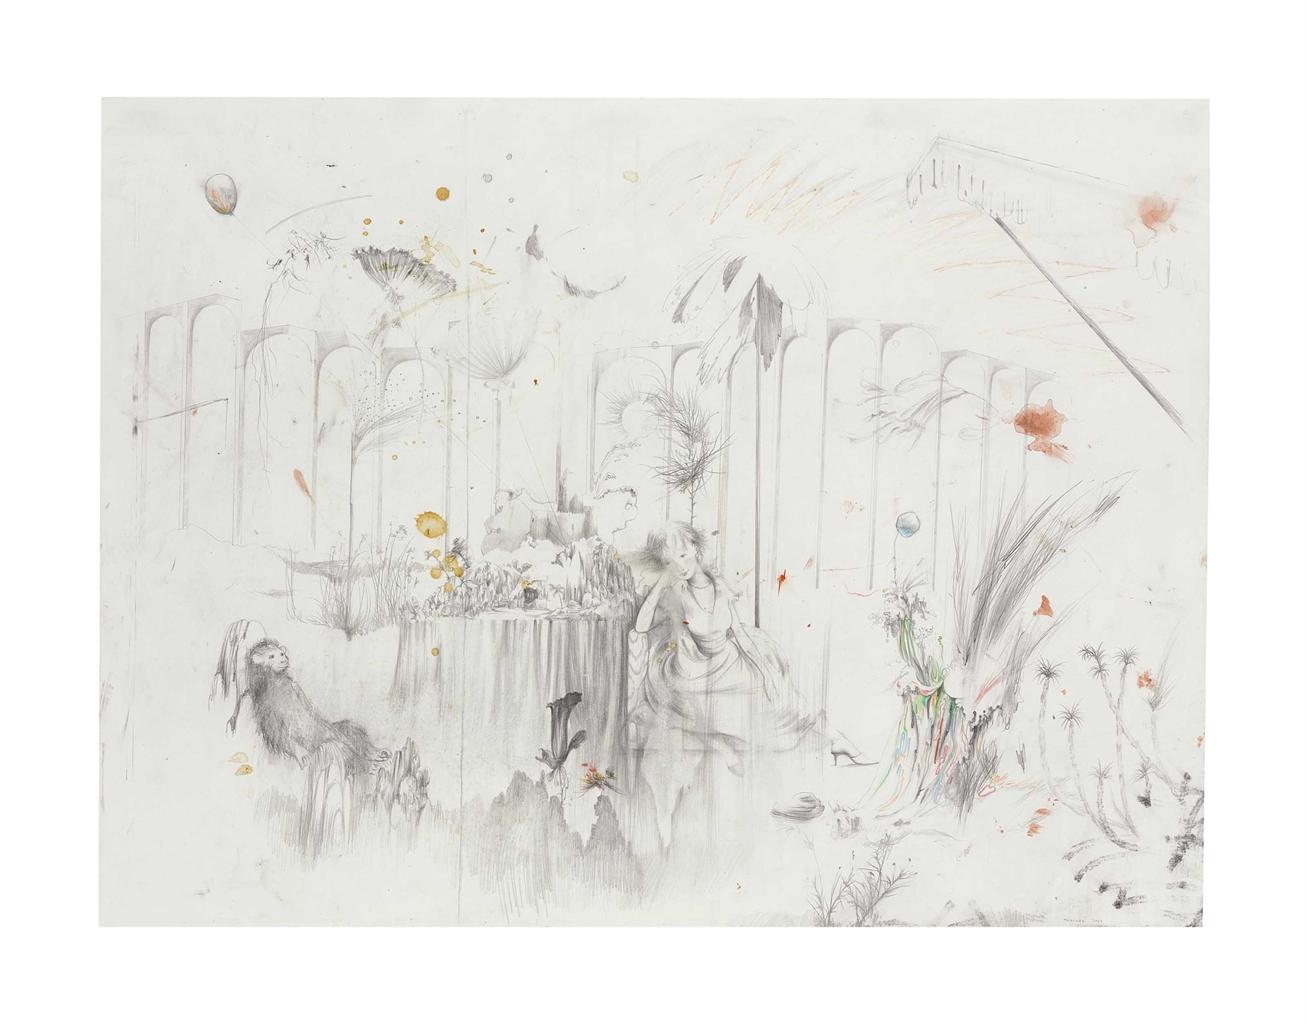 Manfredi Beninati-Untitled-2007